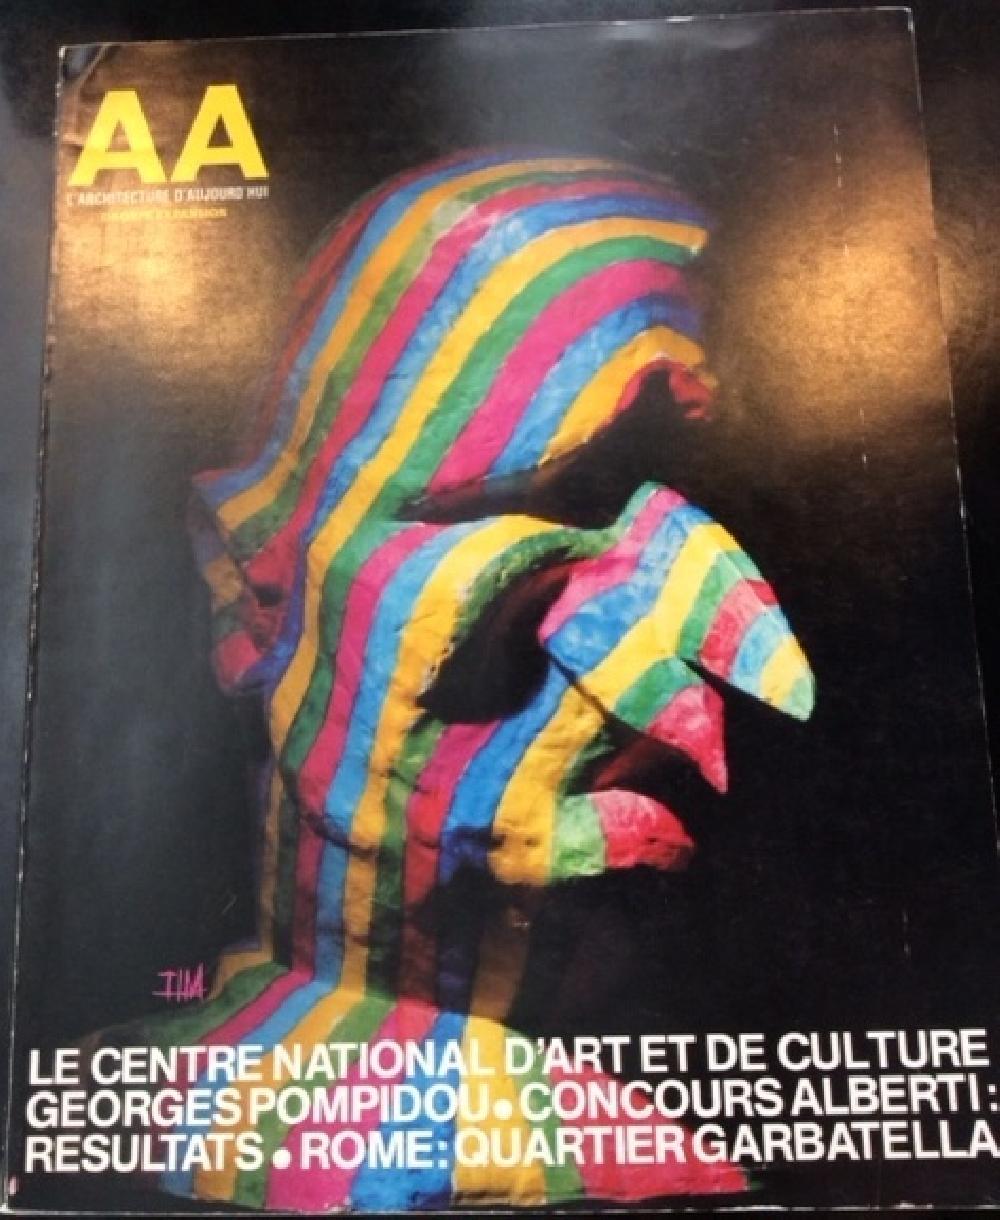 N°189 - Le centre national d'art et de culture Georges Pompidou